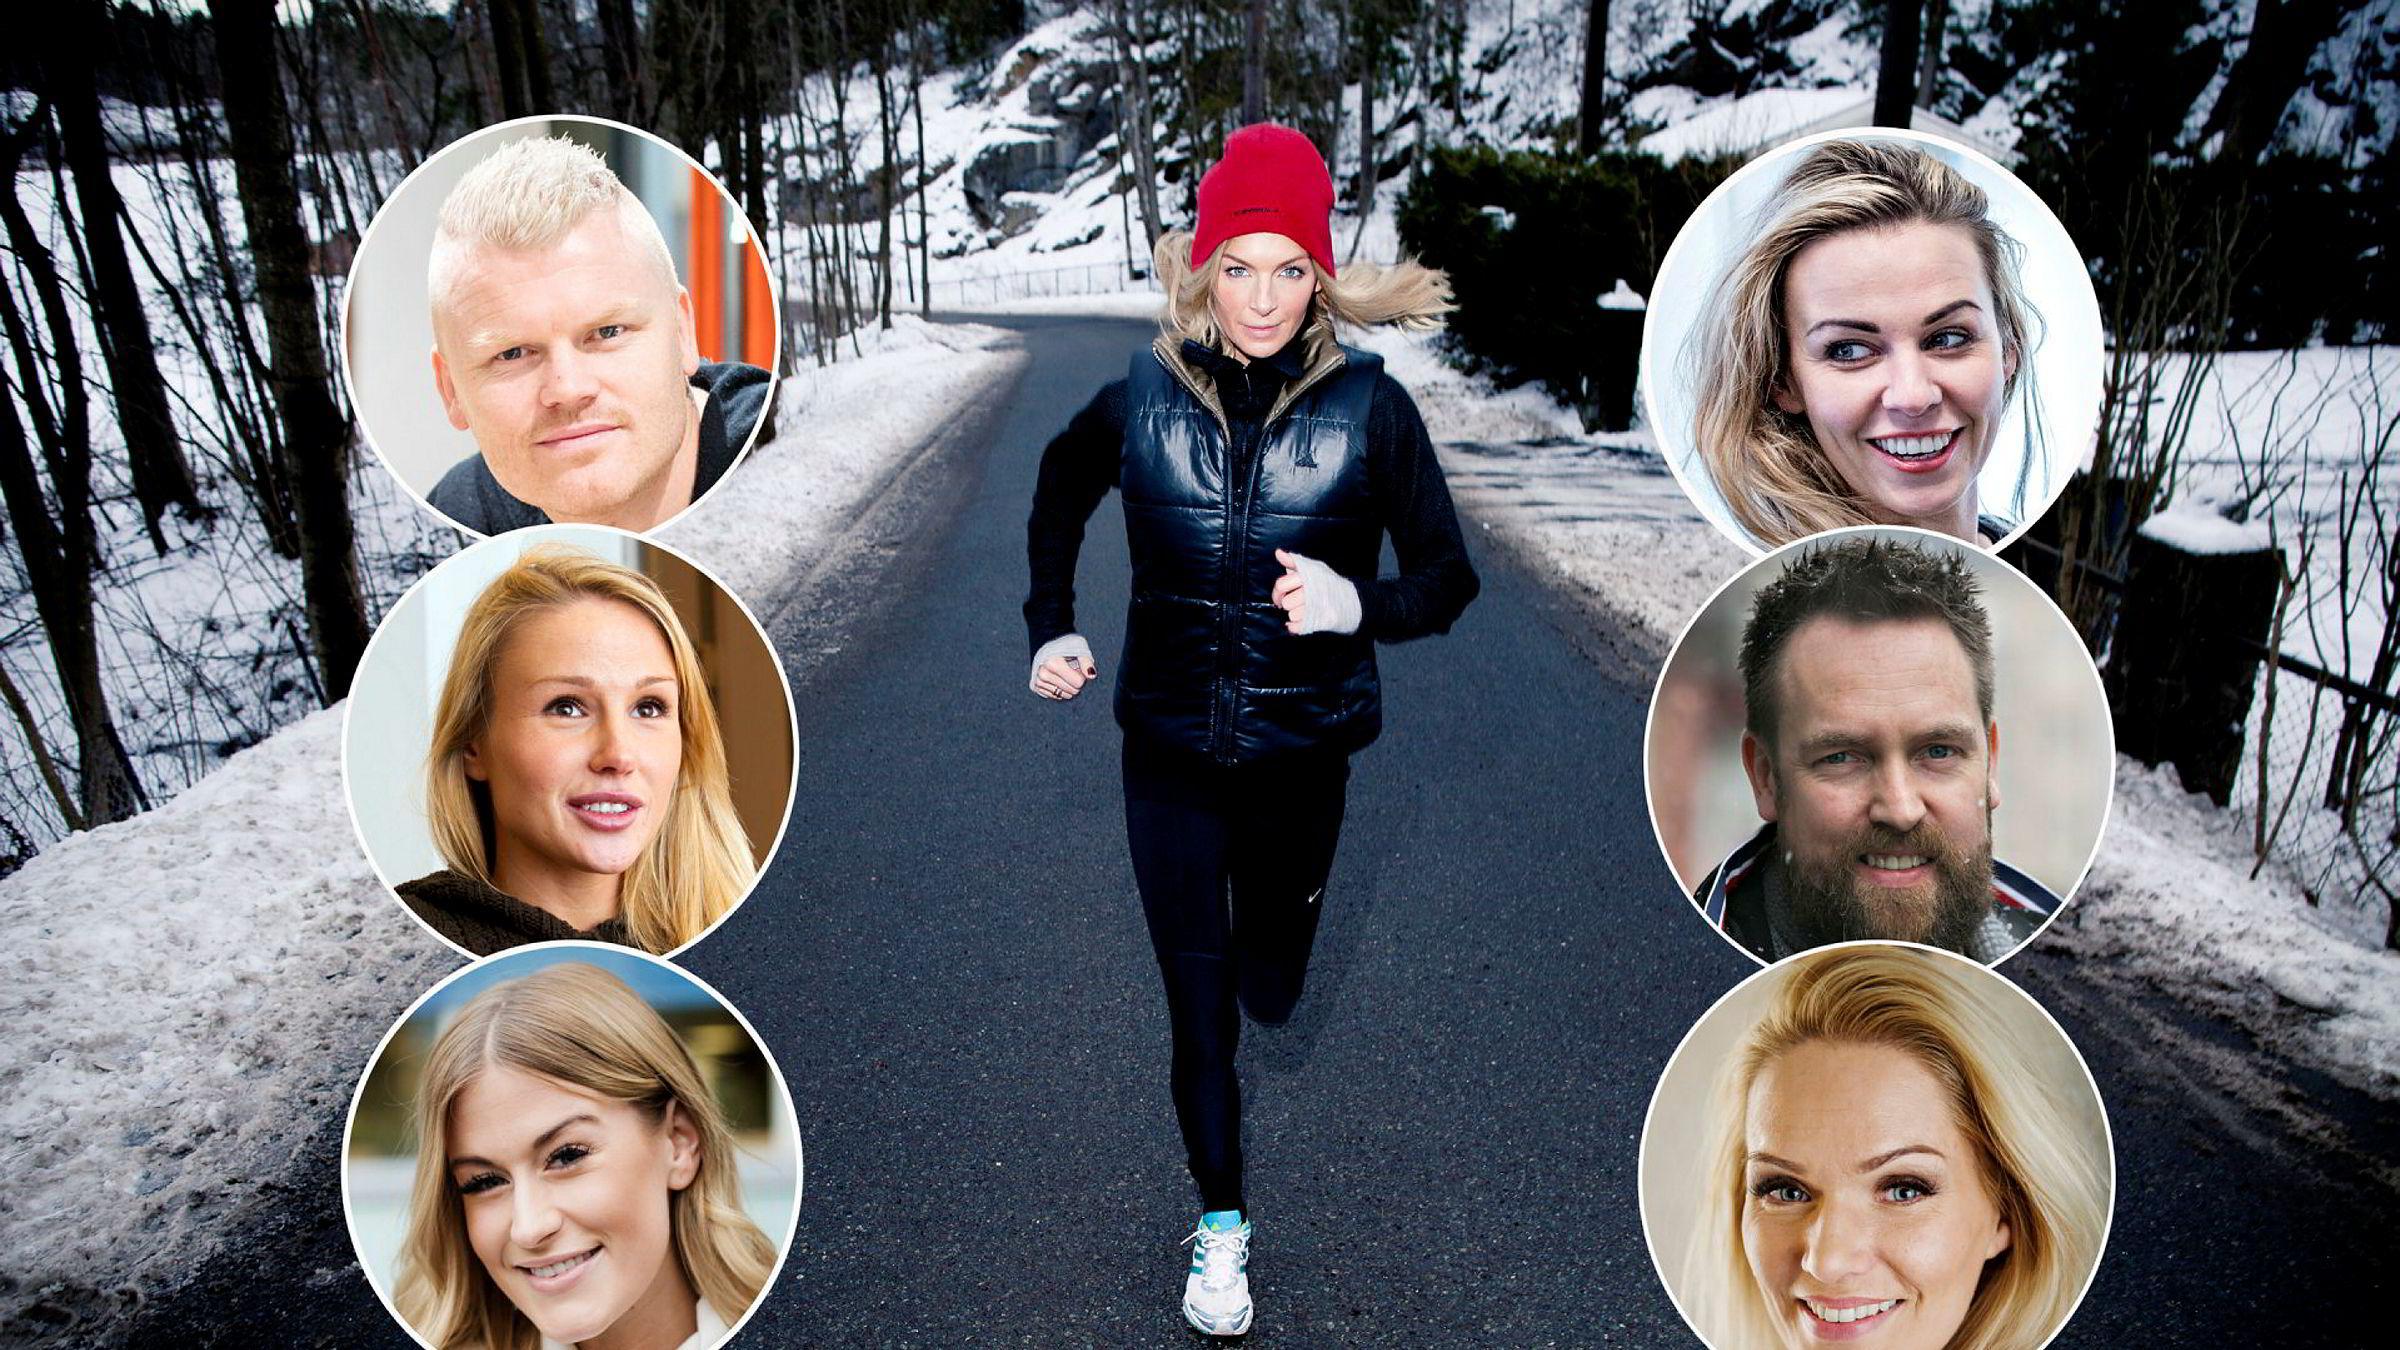 Kathrine Sørland (i midten), John Arne Riise, Rachel Nordtømme og Lene Orvik (til venstre), samt Anette-Marie Antonsen, Ørjan Burøe og Marna Haugen Burøe var alle blant de 92 kjendisene som var representert av United Bloggers da selskapet fusjonerte med svenske Mikz i 2015. Nå blir dette strid i Oslo tingrett.